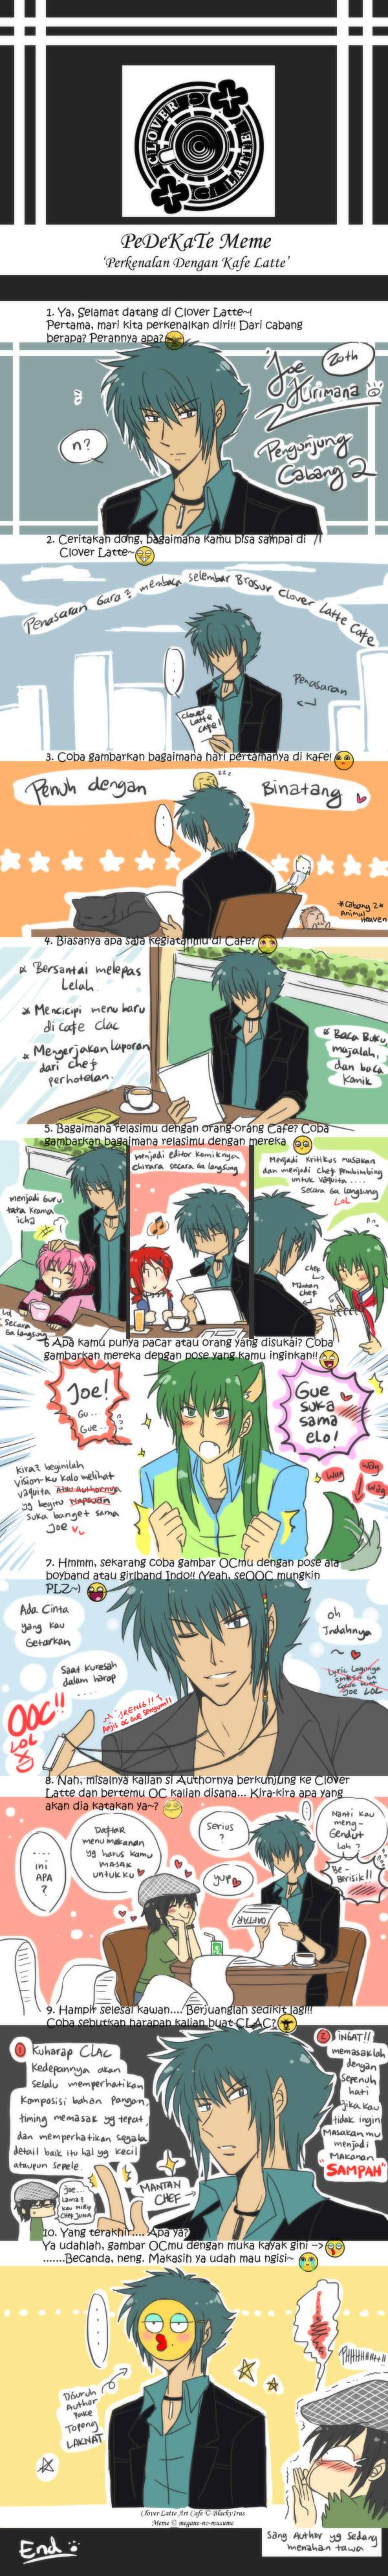 CLAC : JOE pedekate MEME by Tc-Chan